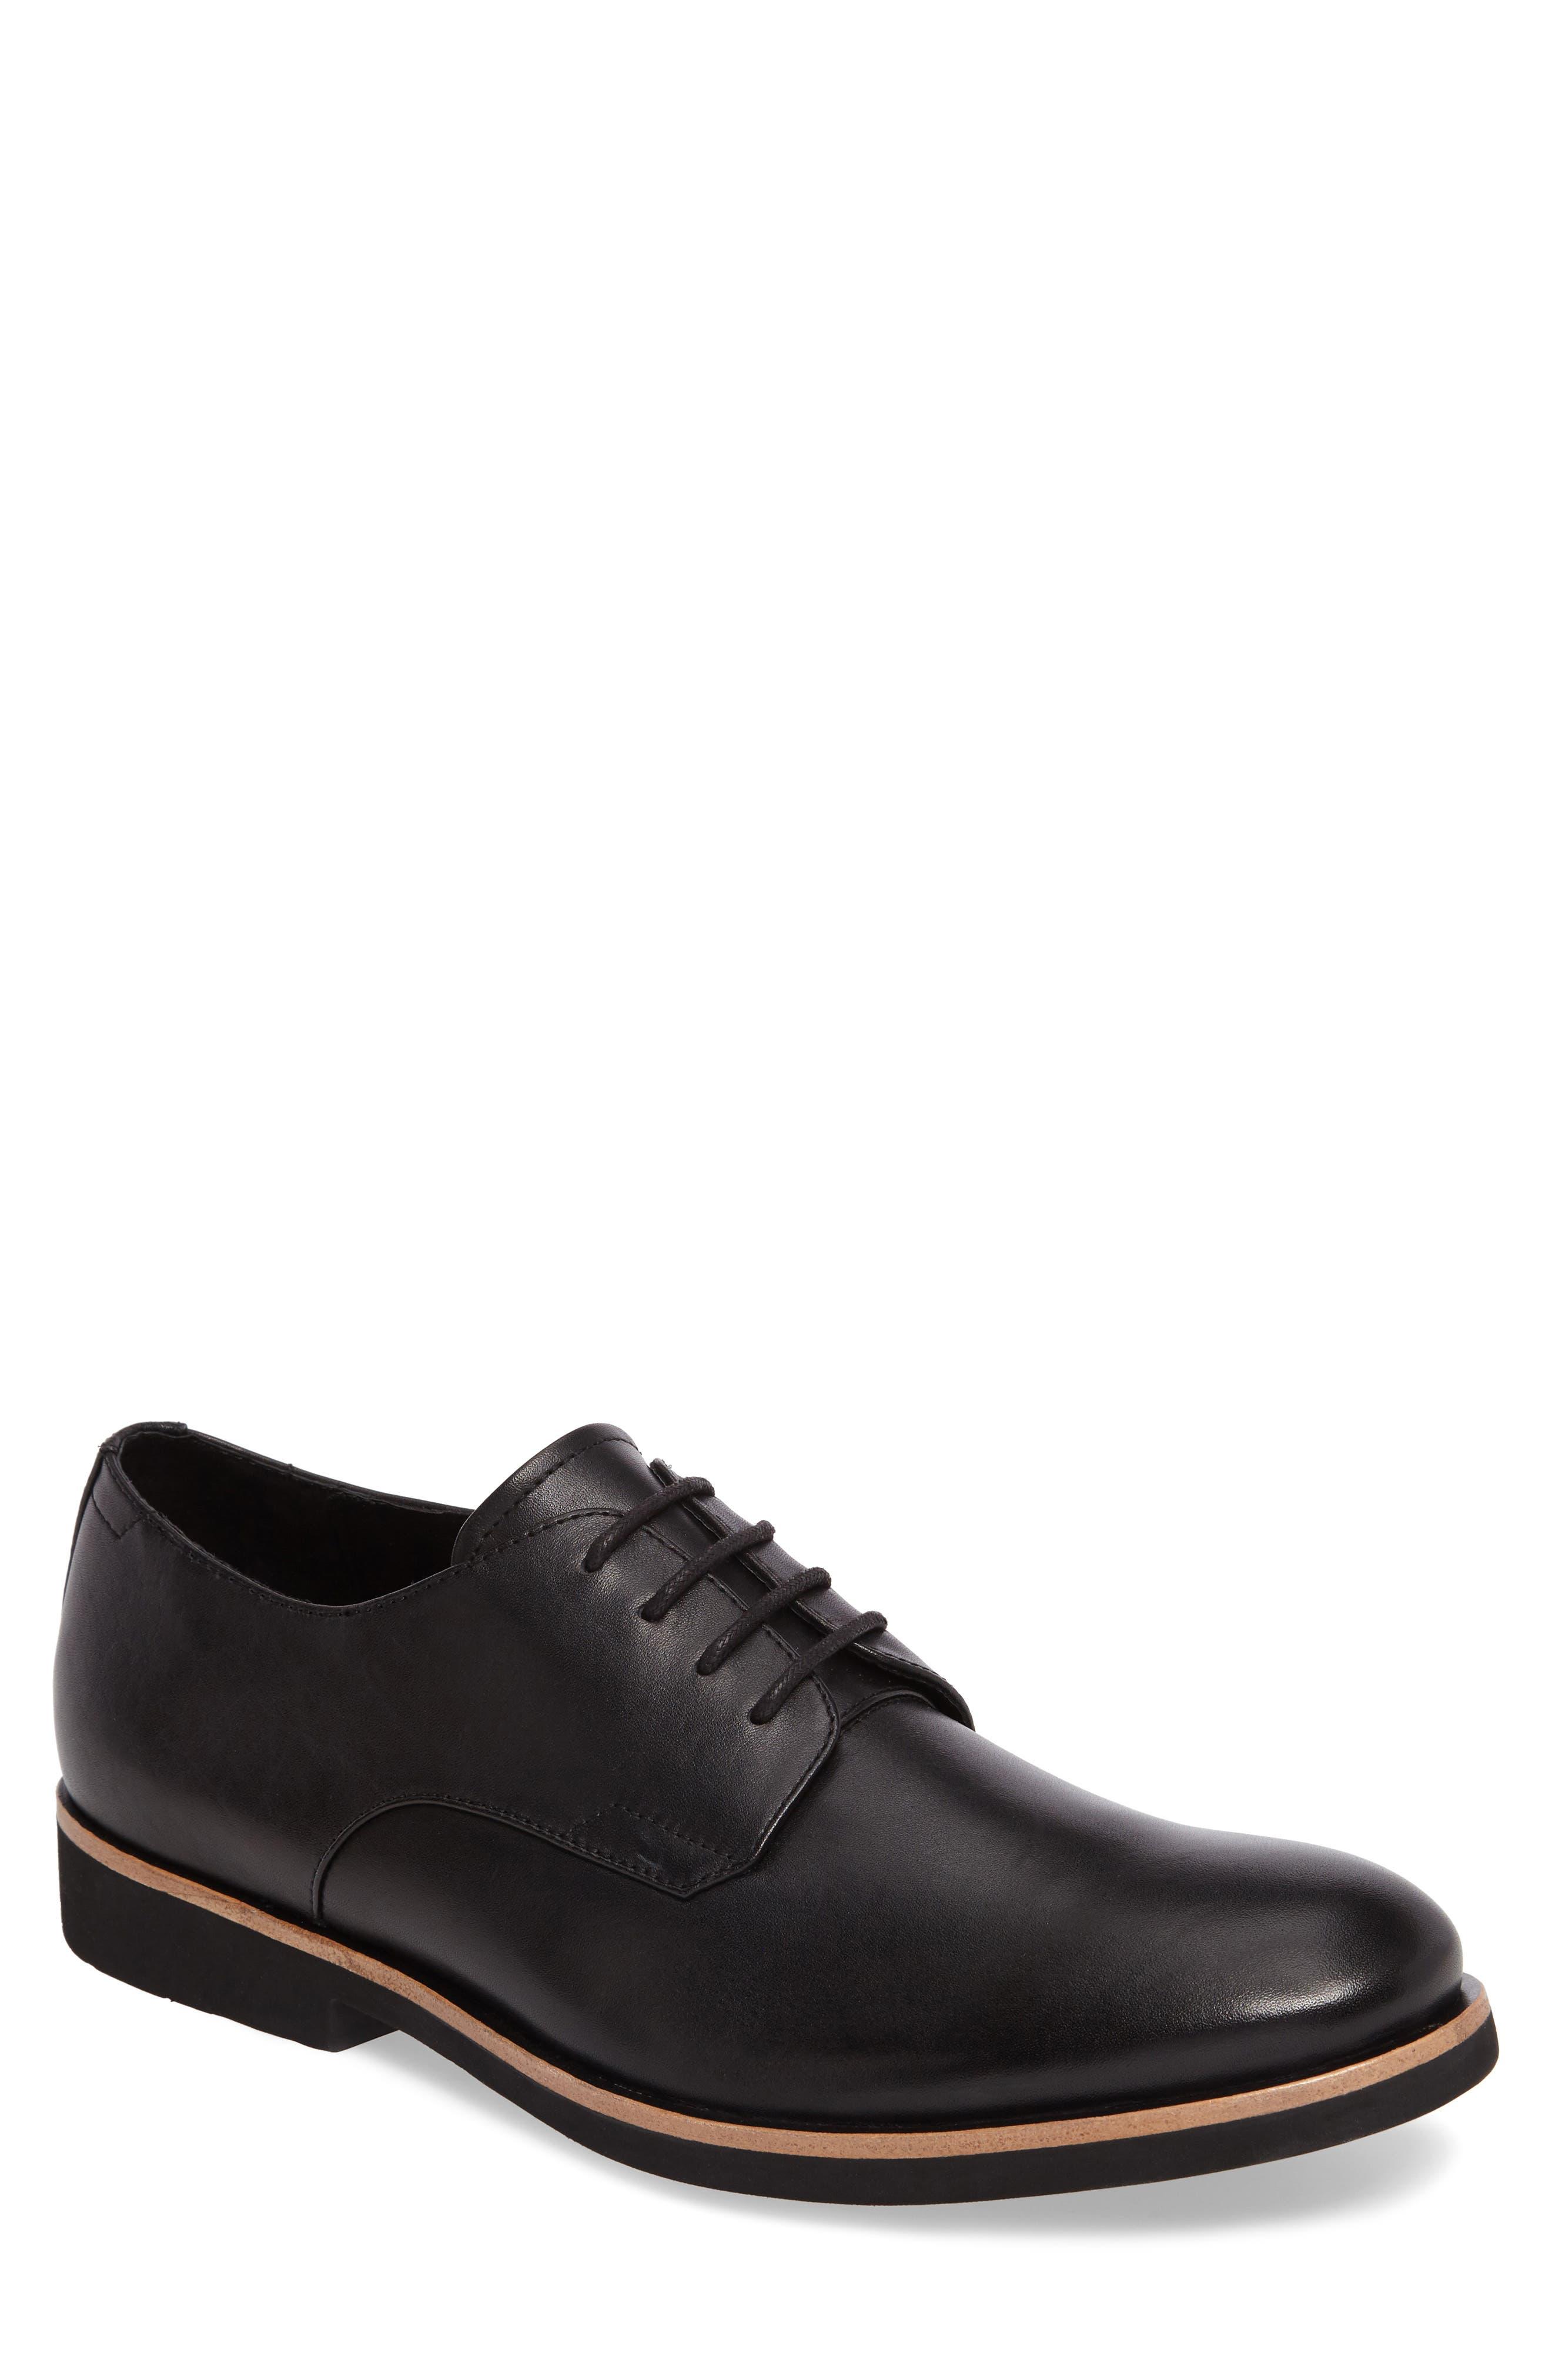 Alternate Image 1 Selected - Calvin Klein Plain Toe Derby (Men)